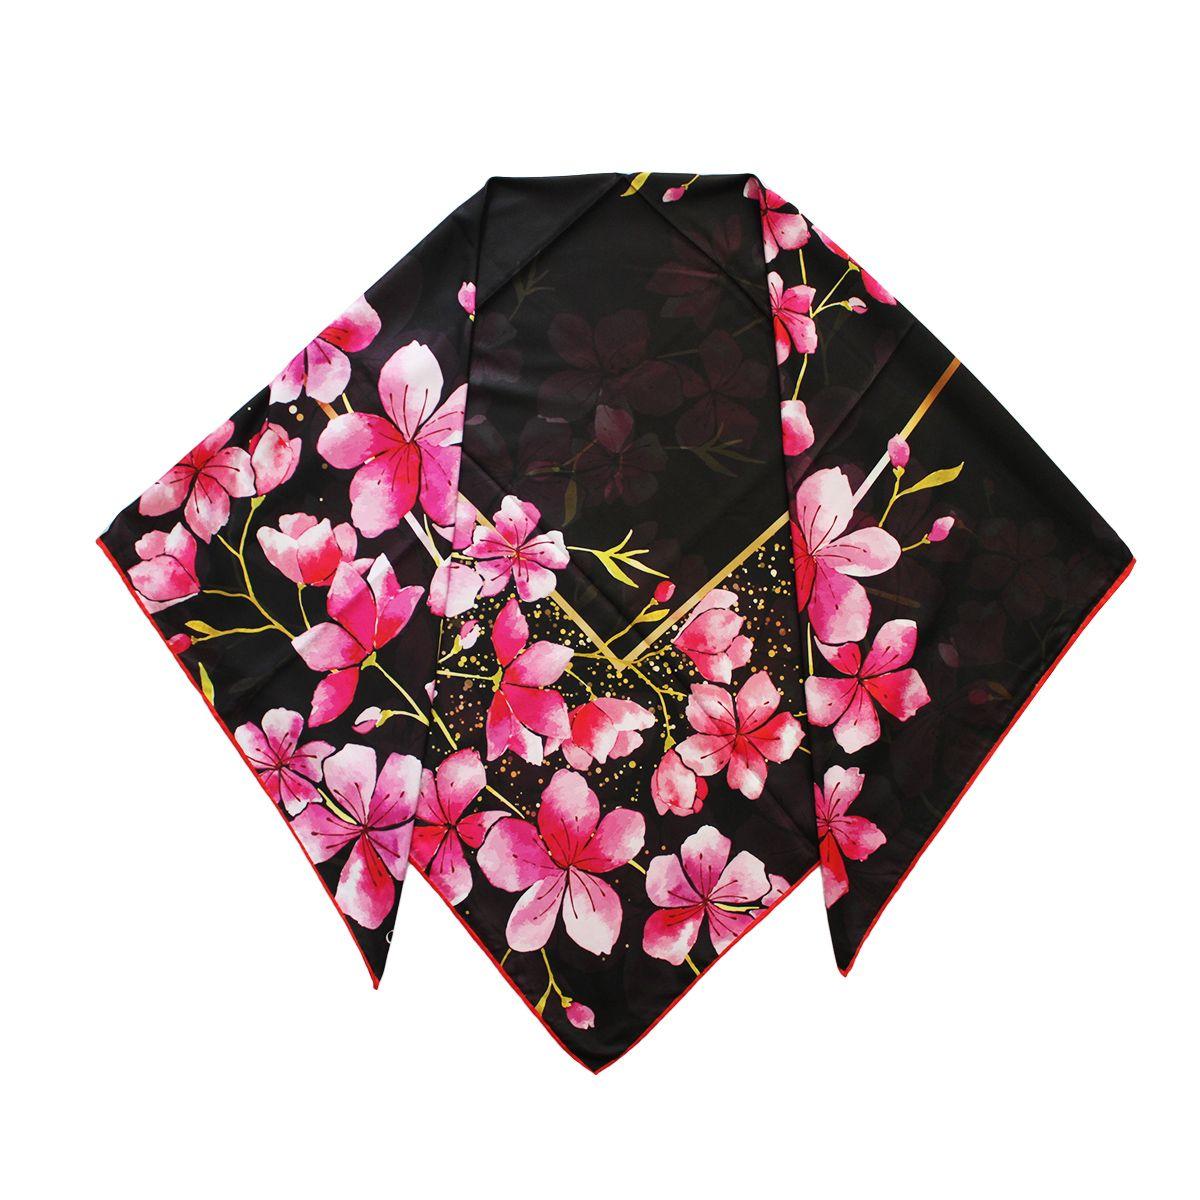 روسری زنانه کوکو پاریس کد 1005 -  - 3